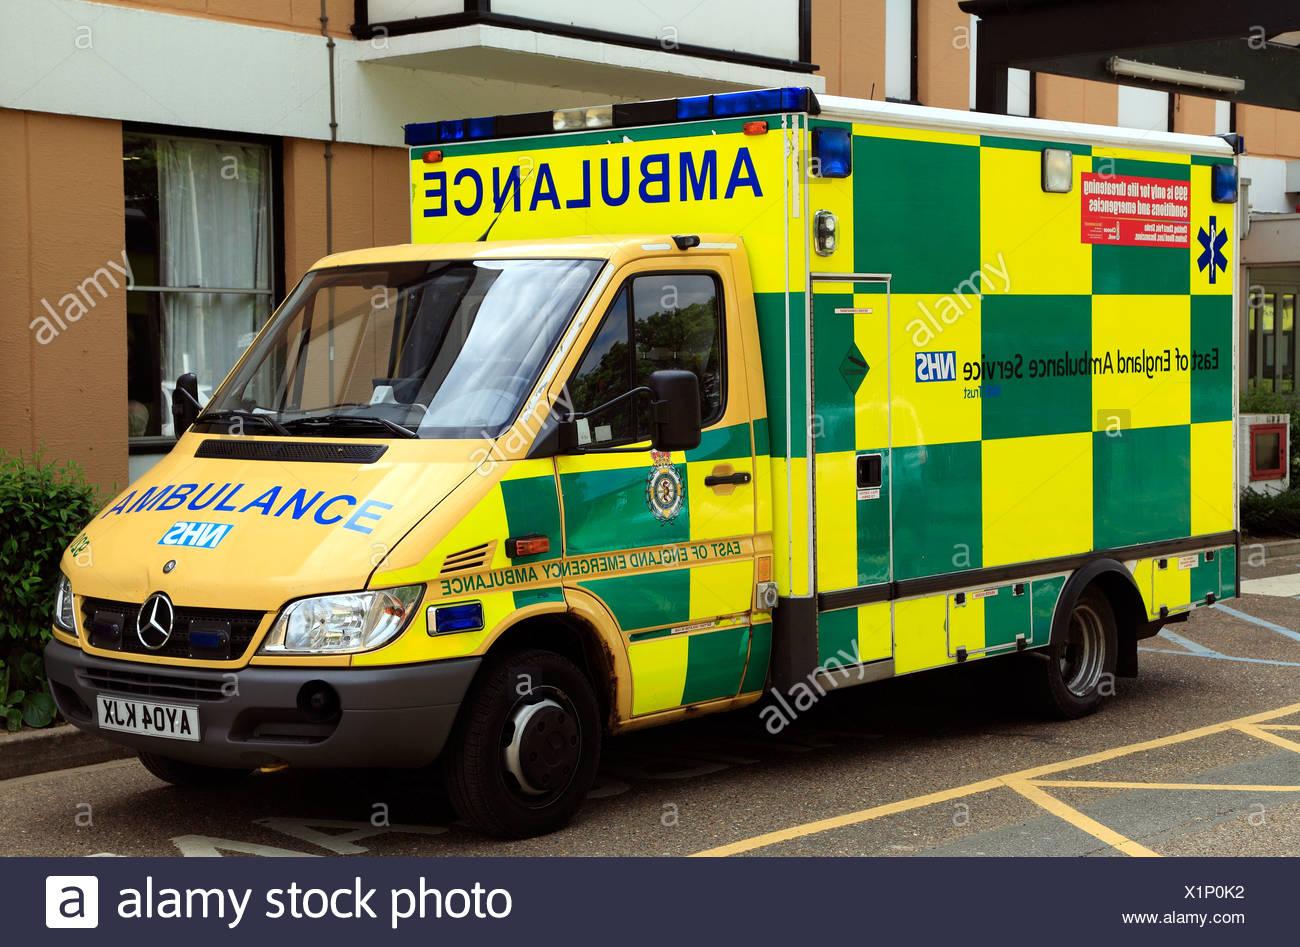 East of England Emergency Ambulance, NHS, Kings Lynn, Norfolk, England, English ambulances, vehicle - Stock Image